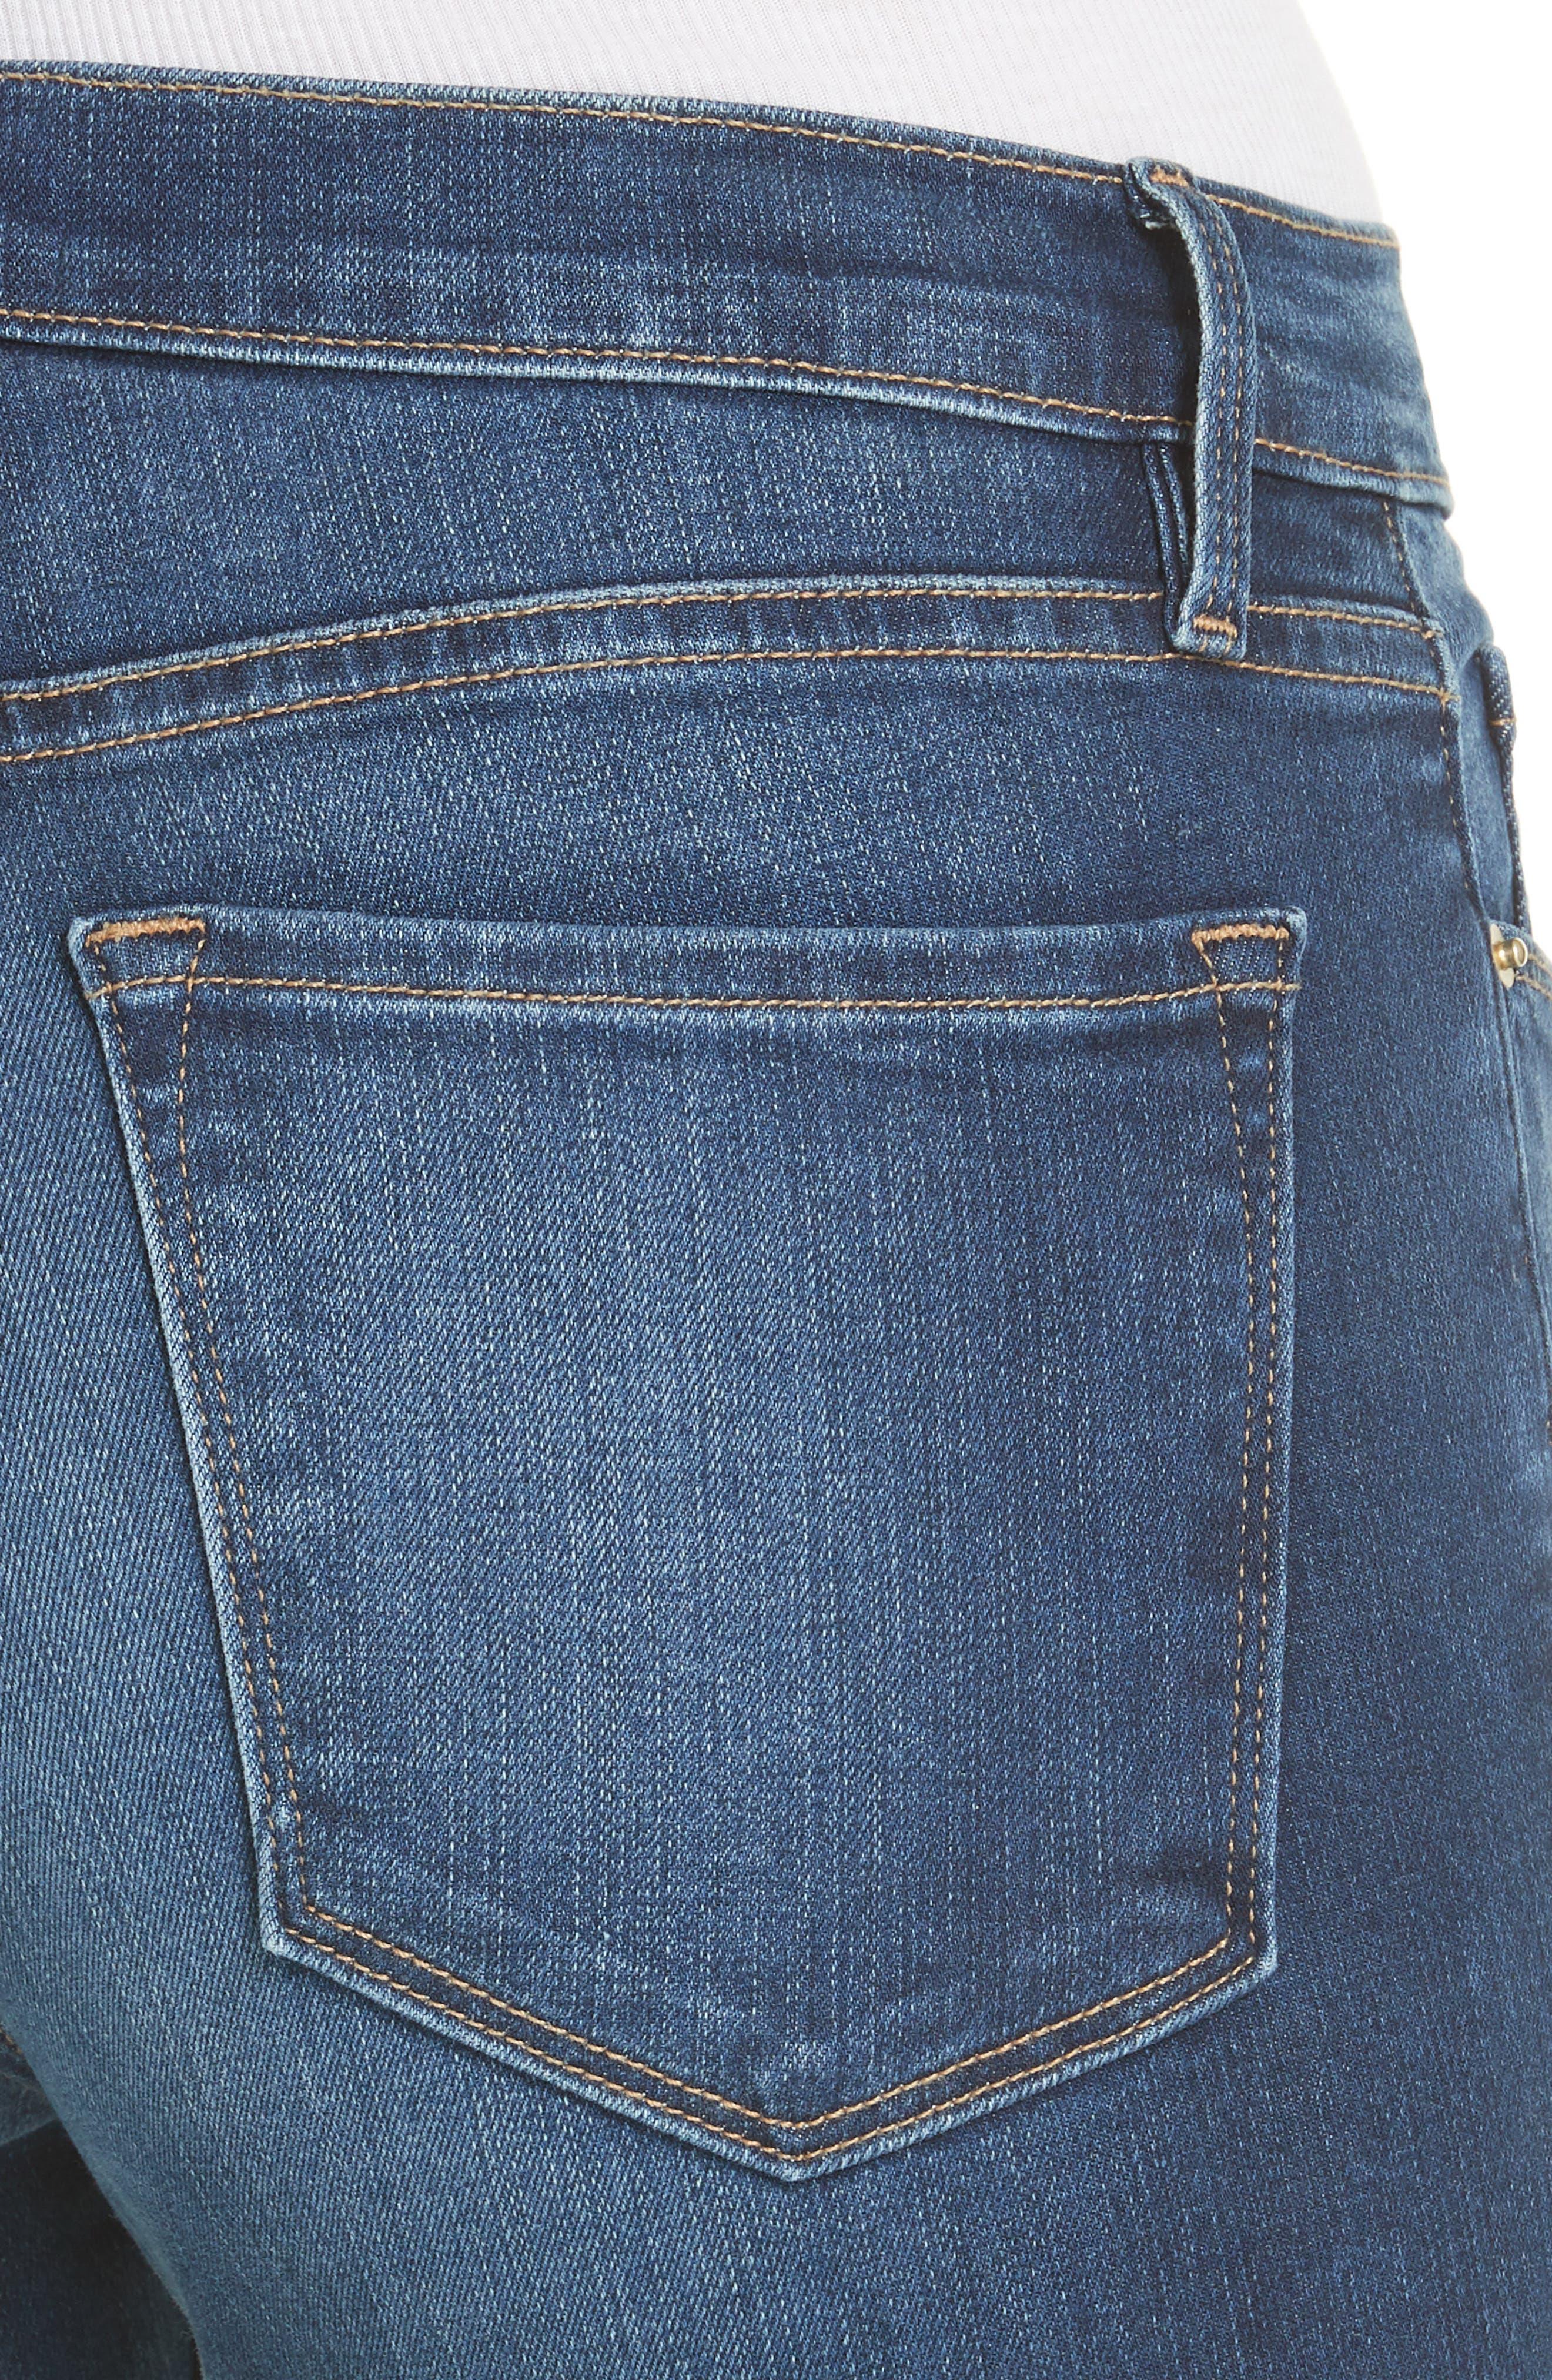 Le Skinny de Jeanne Raw Hem Crop Jeans,                             Alternate thumbnail 4, color,                             Cobbert Exclusive